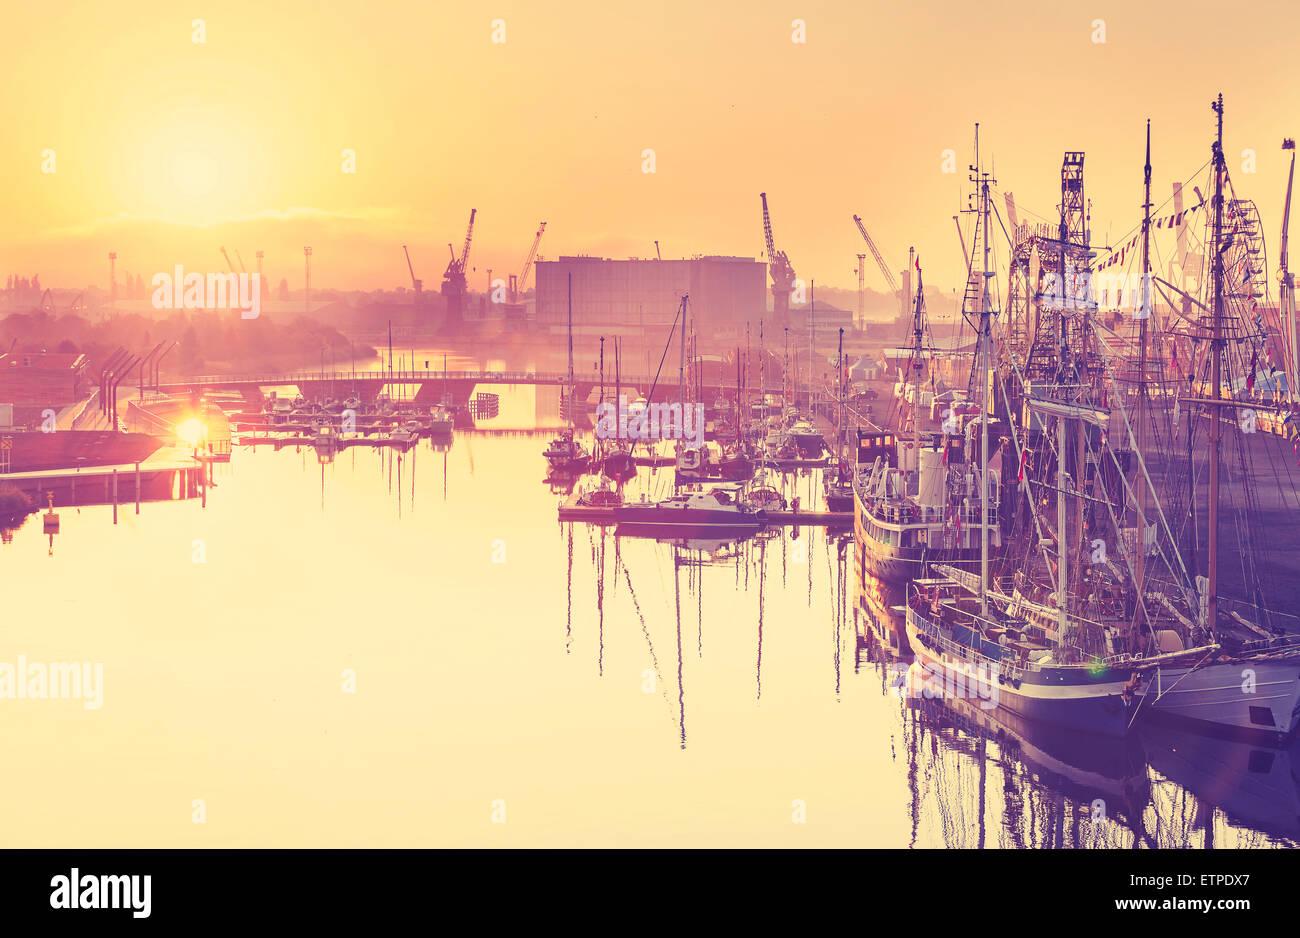 Vintage tonica golden alba sul porto, waterfront di Szczecin, Polonia. Immagini Stock